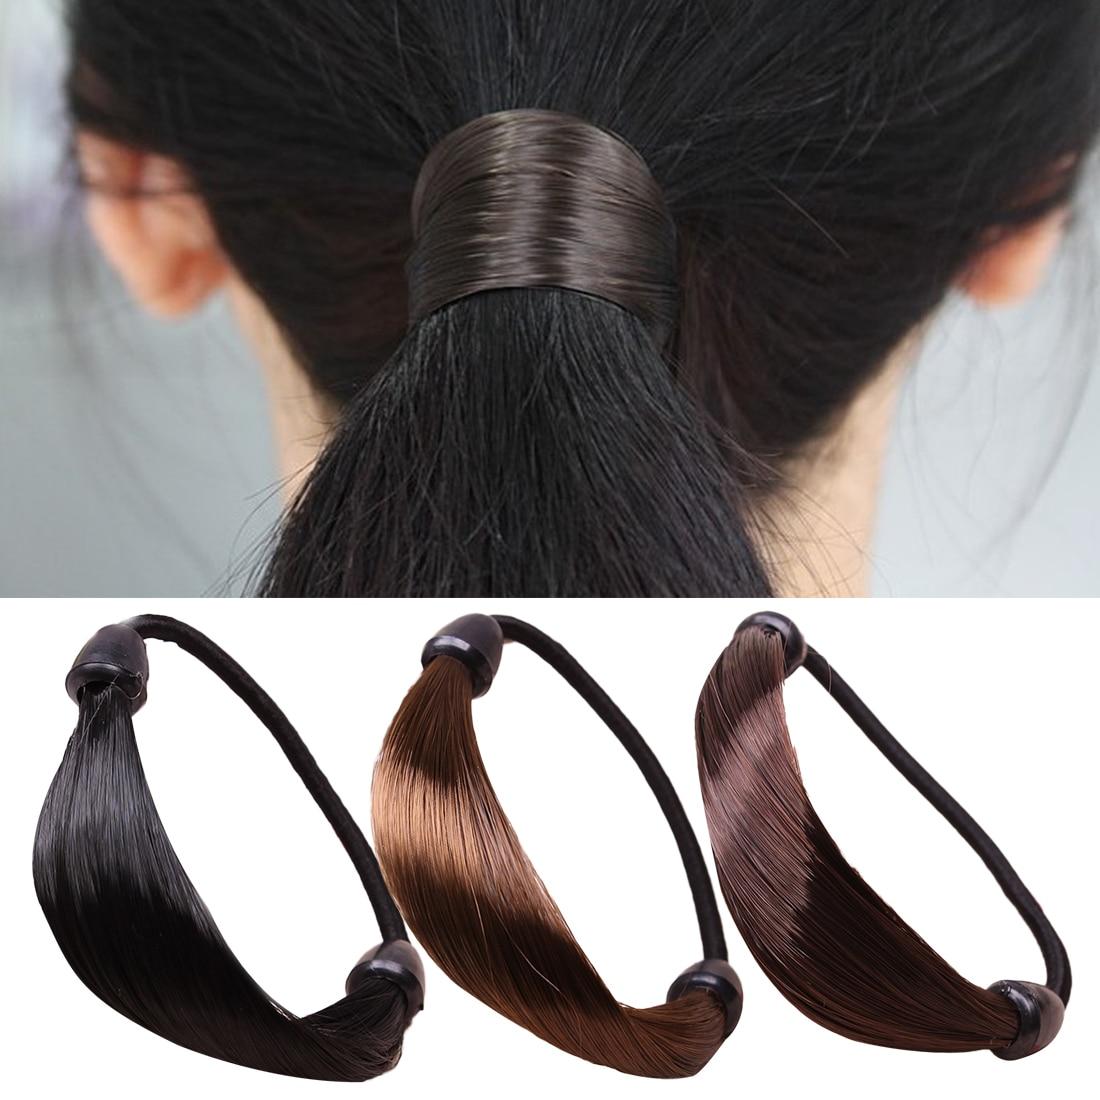 Круговой, ручной, крученый, эластичный парик, лента для волос, резиновая повязка на голову, веревочное кольцо, аксессуары для волос для женщин, резинки для волос для девушек, инструменты для плетения волос|Аксессуары для укладки|   | АлиЭкспресс